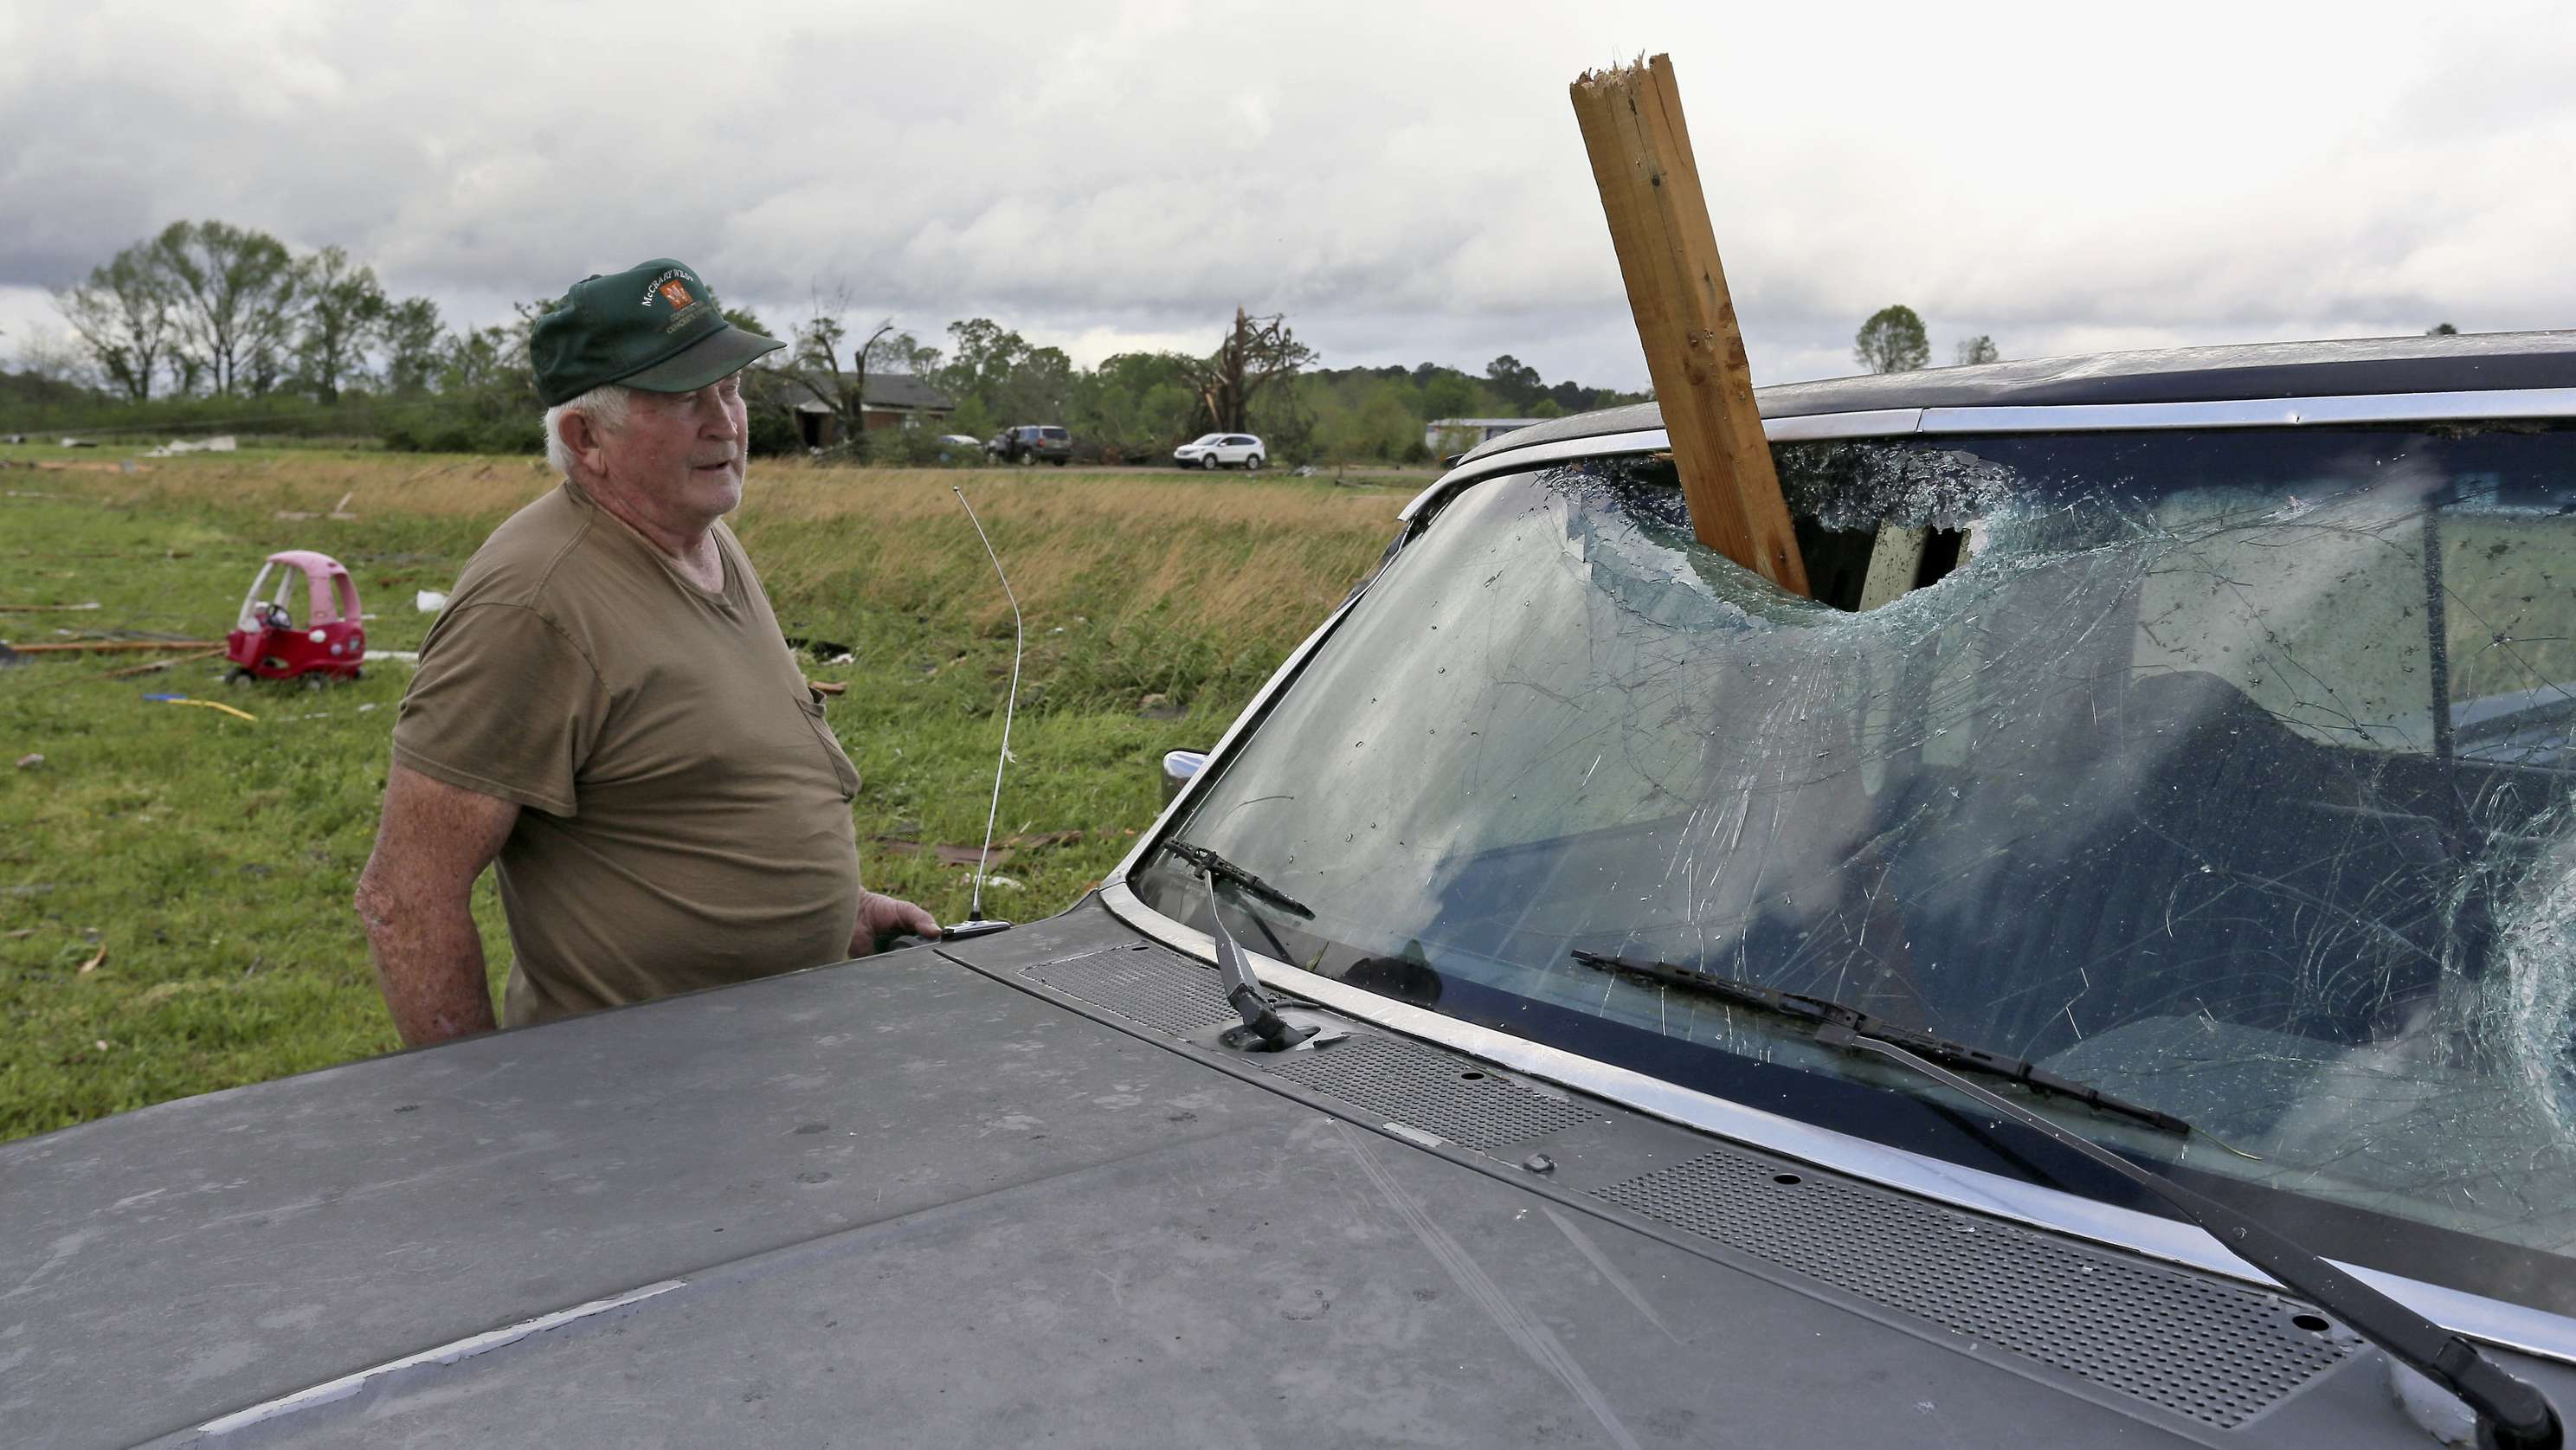 Ein Mann schaut auf sein vom Tornado zerstörtes Auto: Ein Holzbalken hat die Windschutzscheibe durchschlagen.